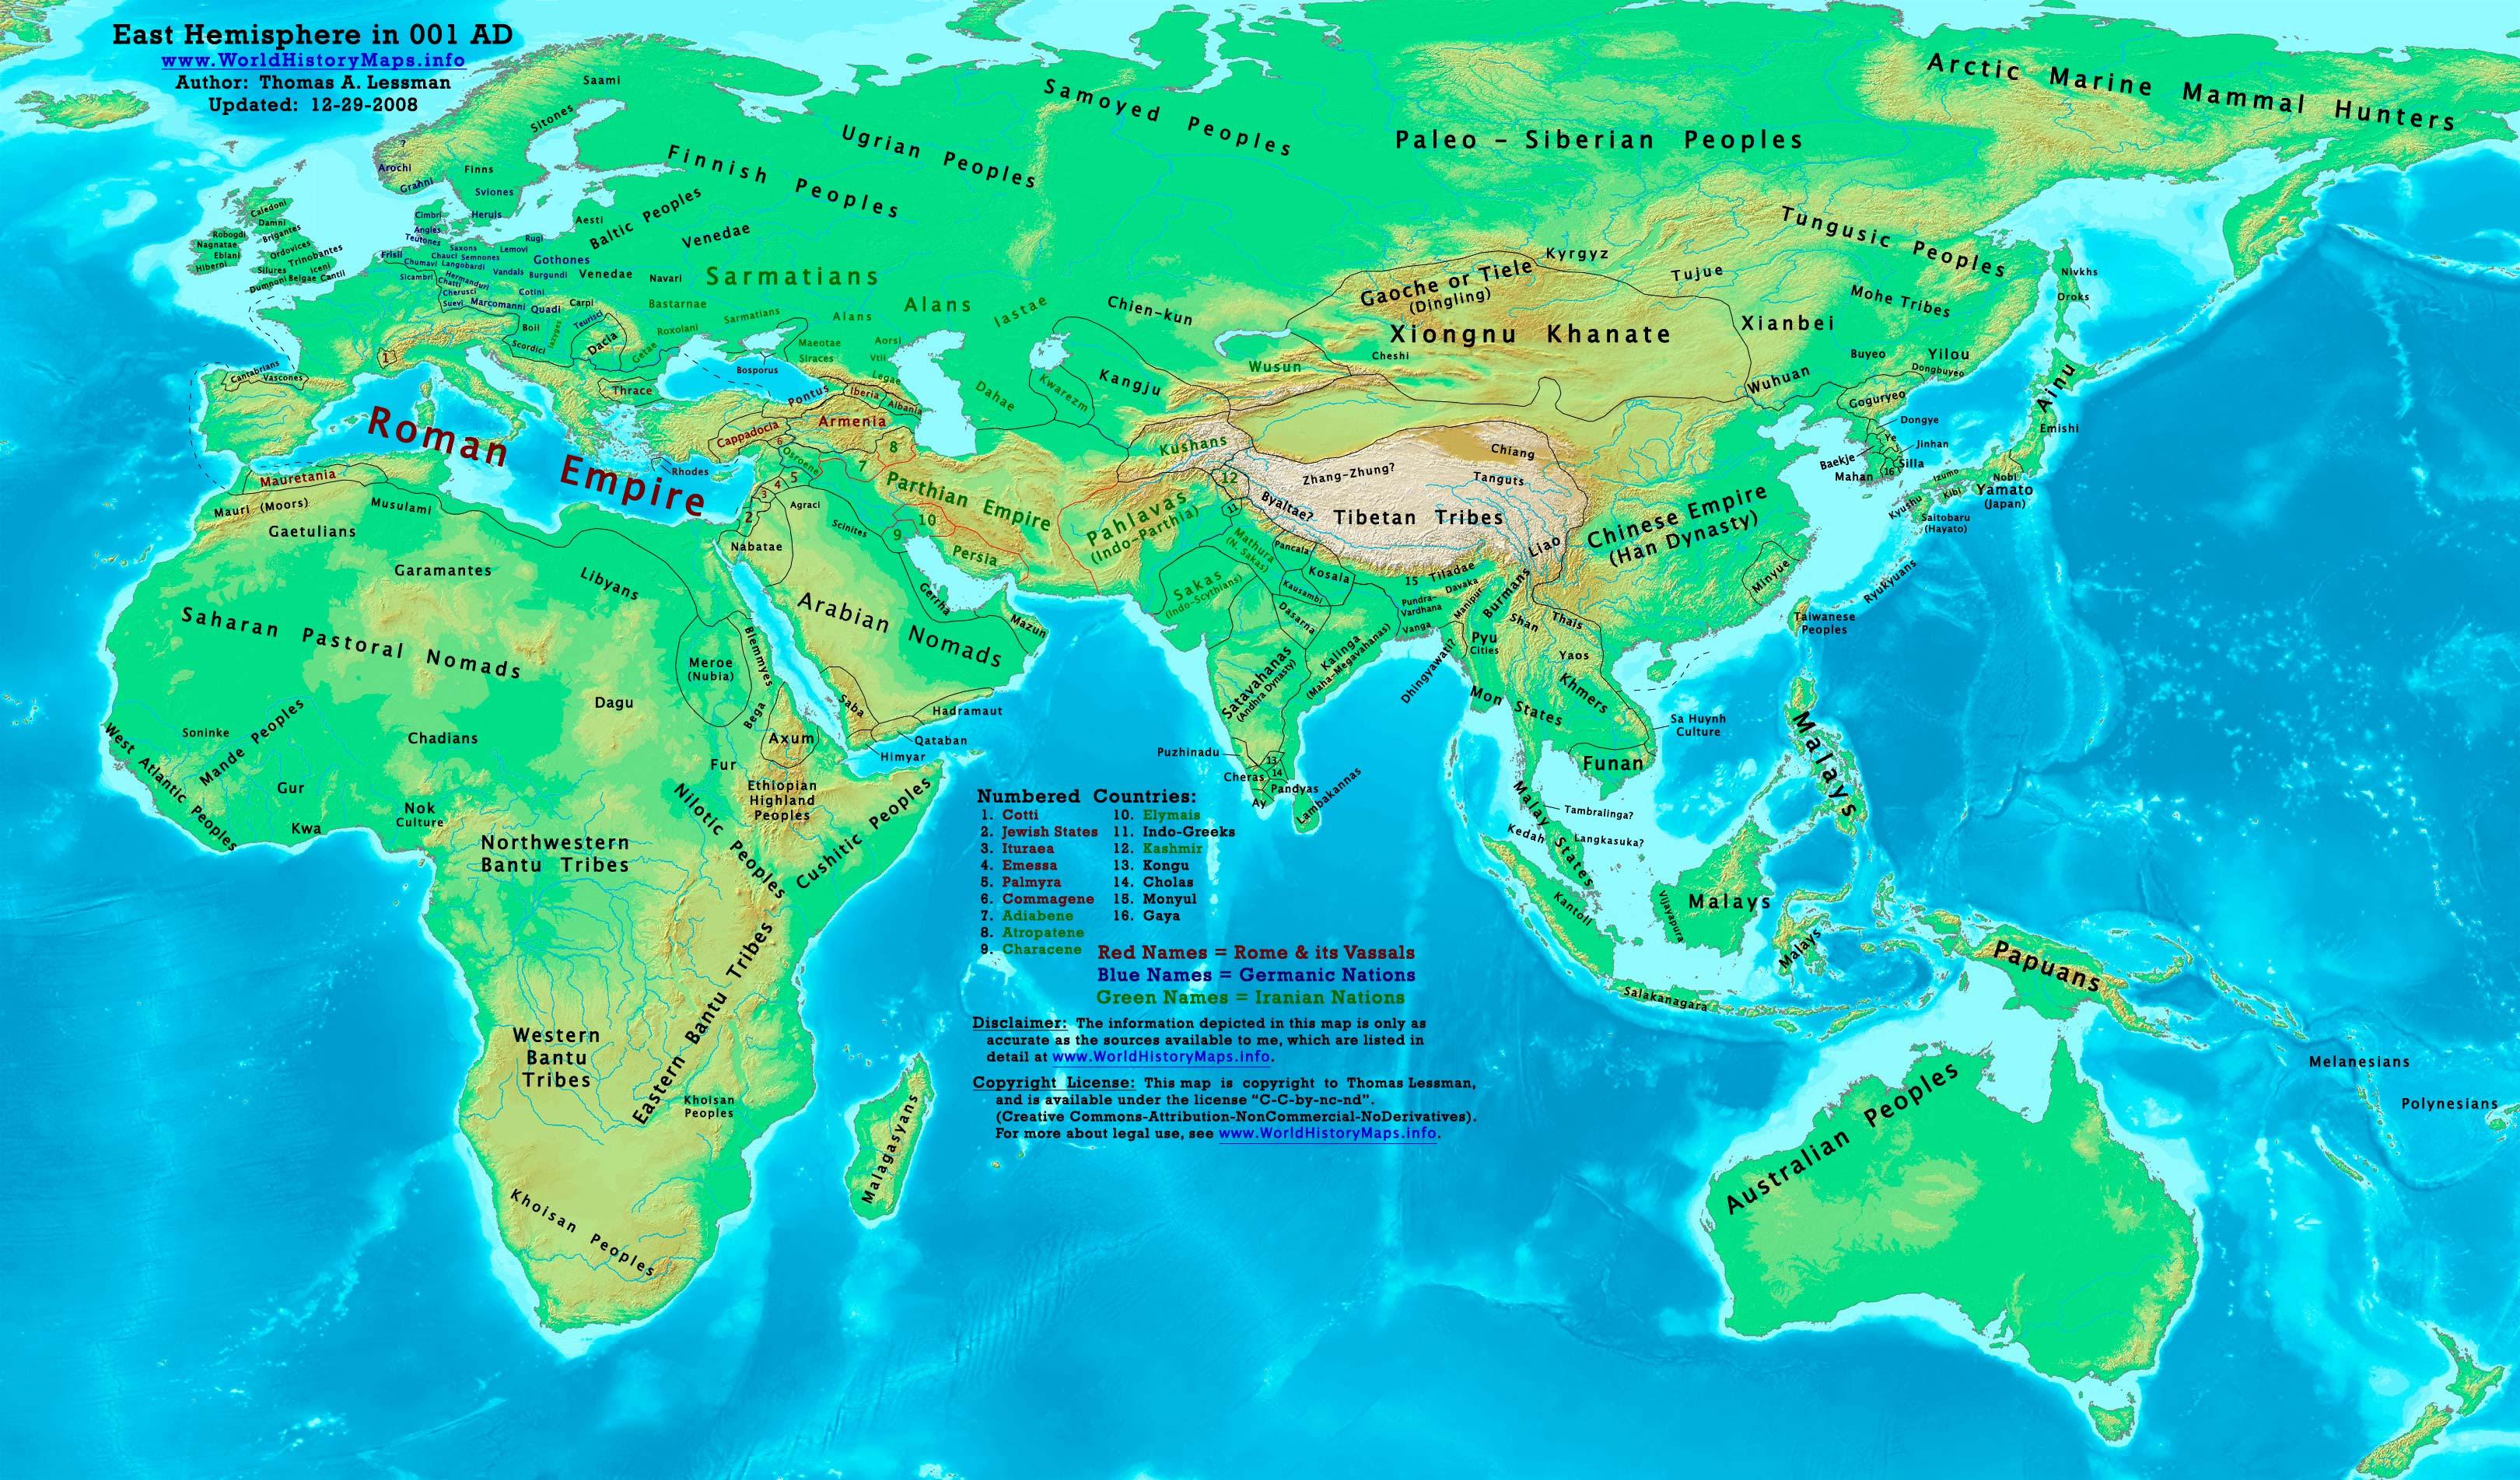 http://worldhistorymaps.info/images/East-Hem_001ad.jpg